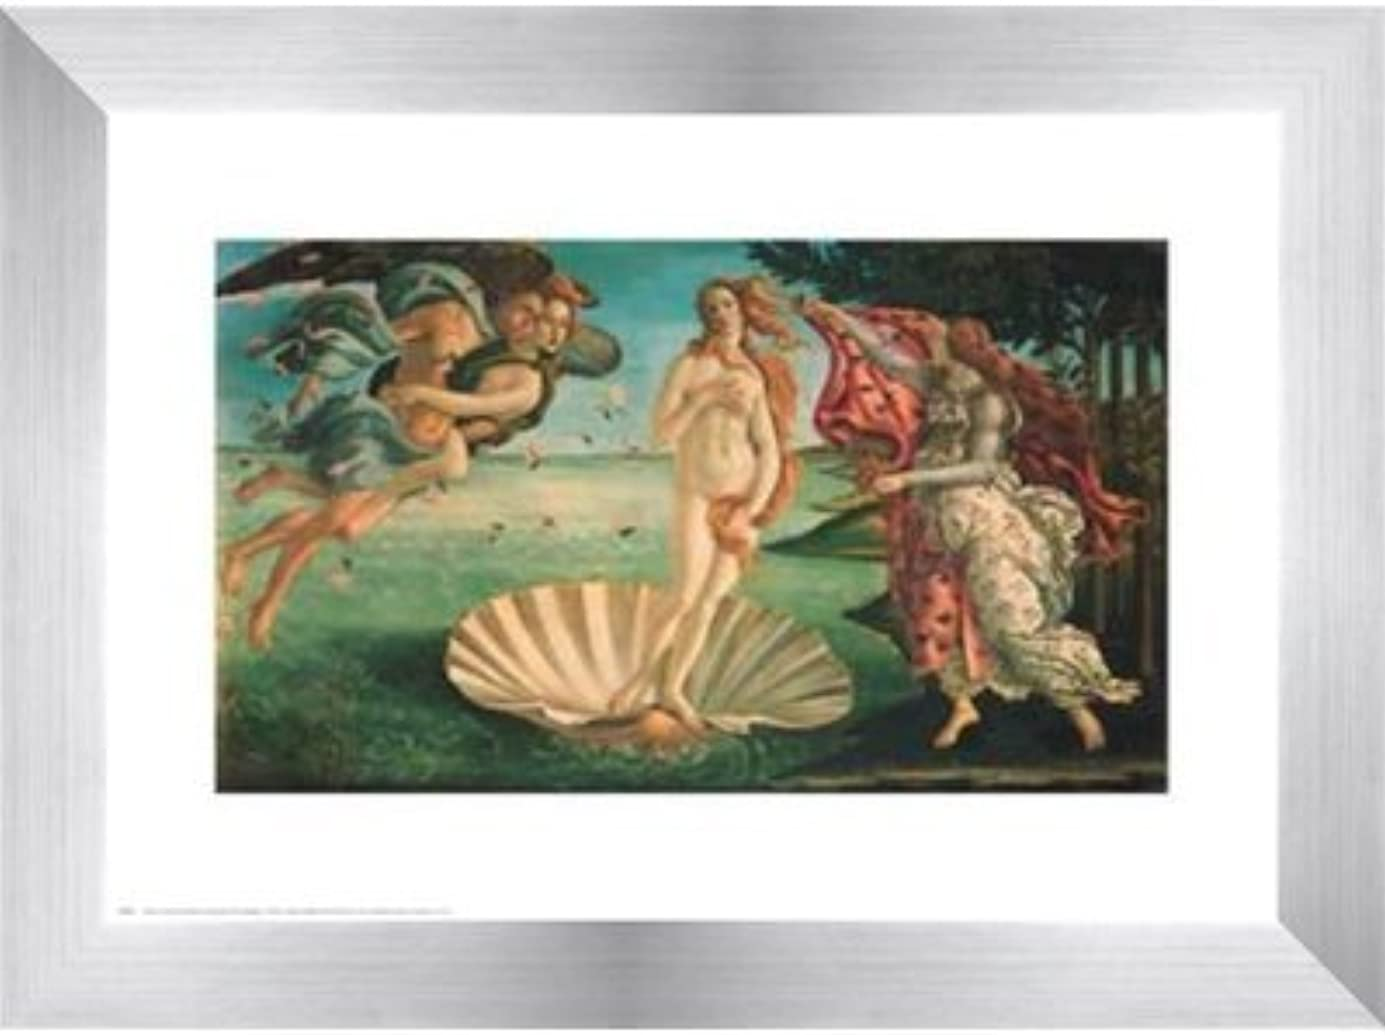 遅滞科学的何Birth of Venus by Sandro Botticelli – 10 x 8インチ – アートプリントポスター LE_28409-F9935-10x8